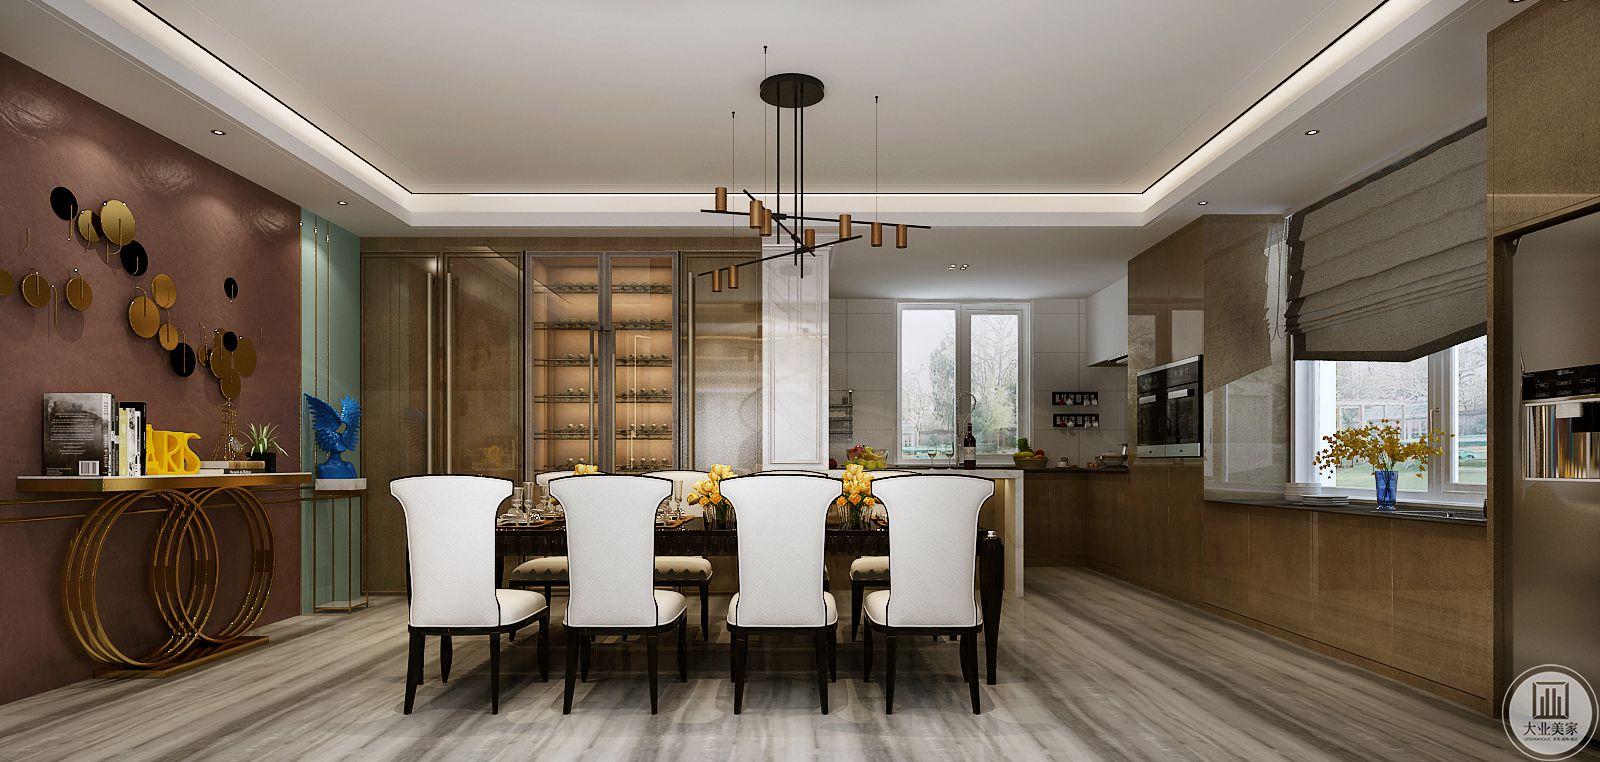 厨房采用半开放式厨房,采用大理石台面的吧台隔开餐厅和厨房。